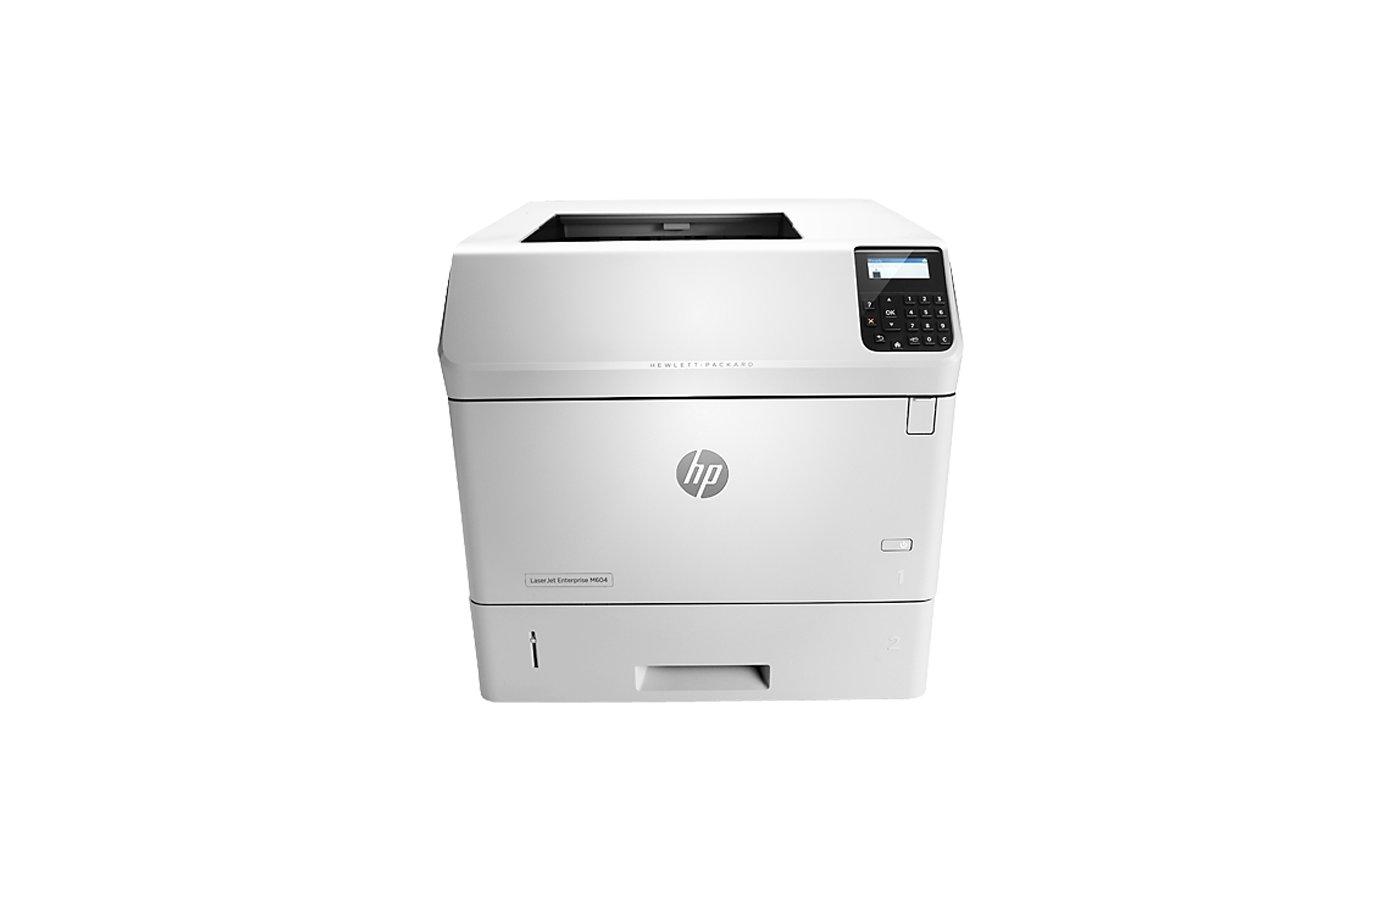 Принтер HP LaserJet Enterprise 600 M604n /E6B67A/